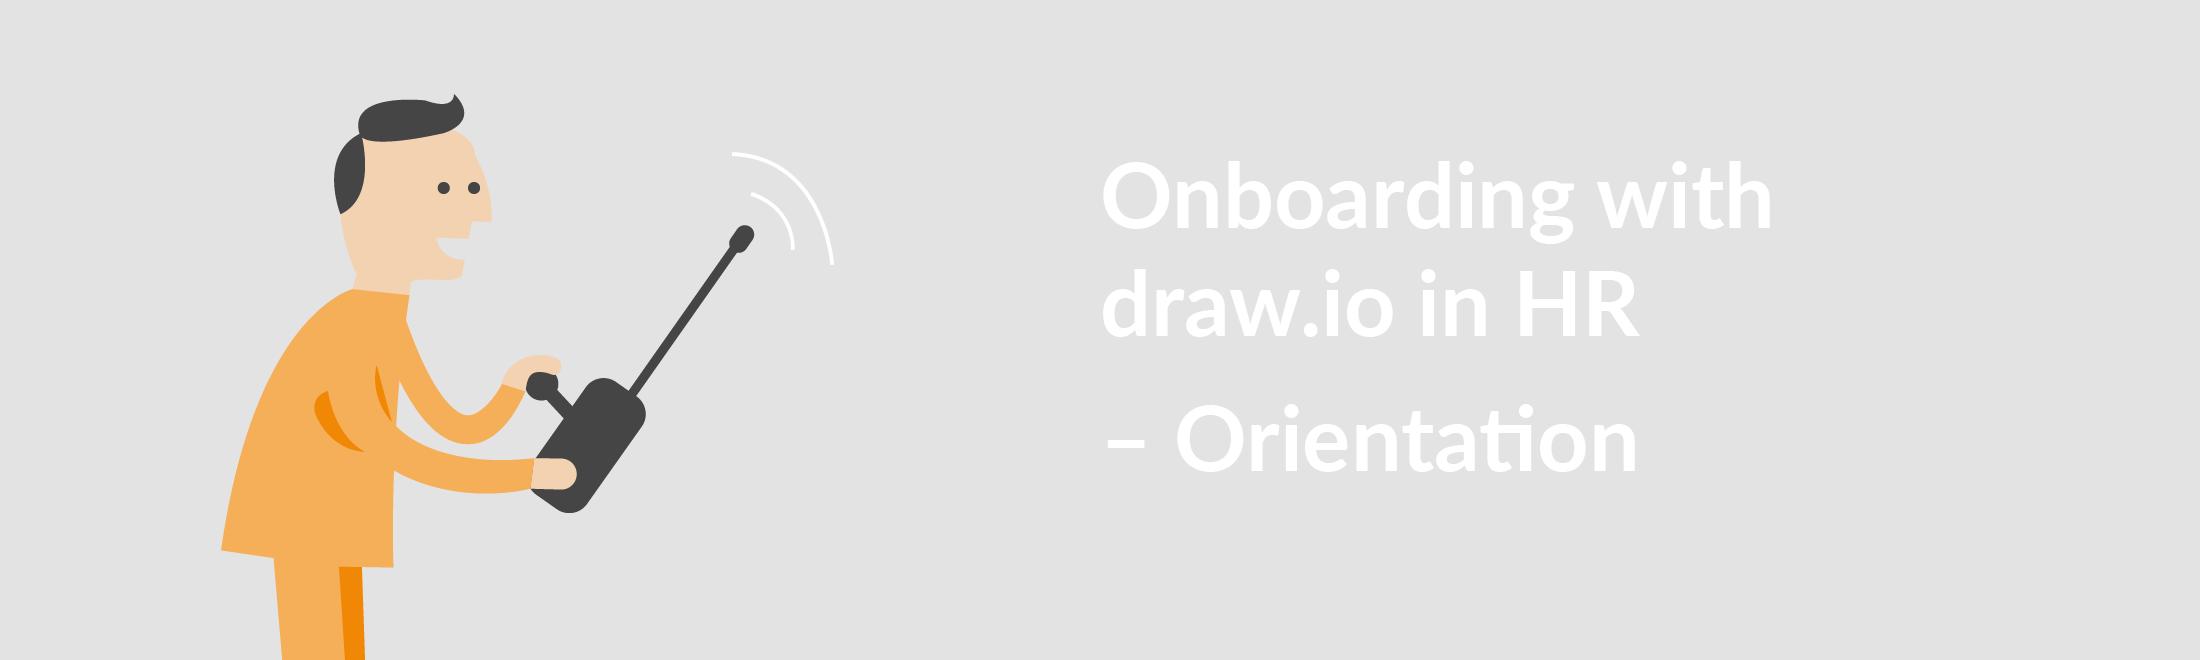 Onboarding Orientation